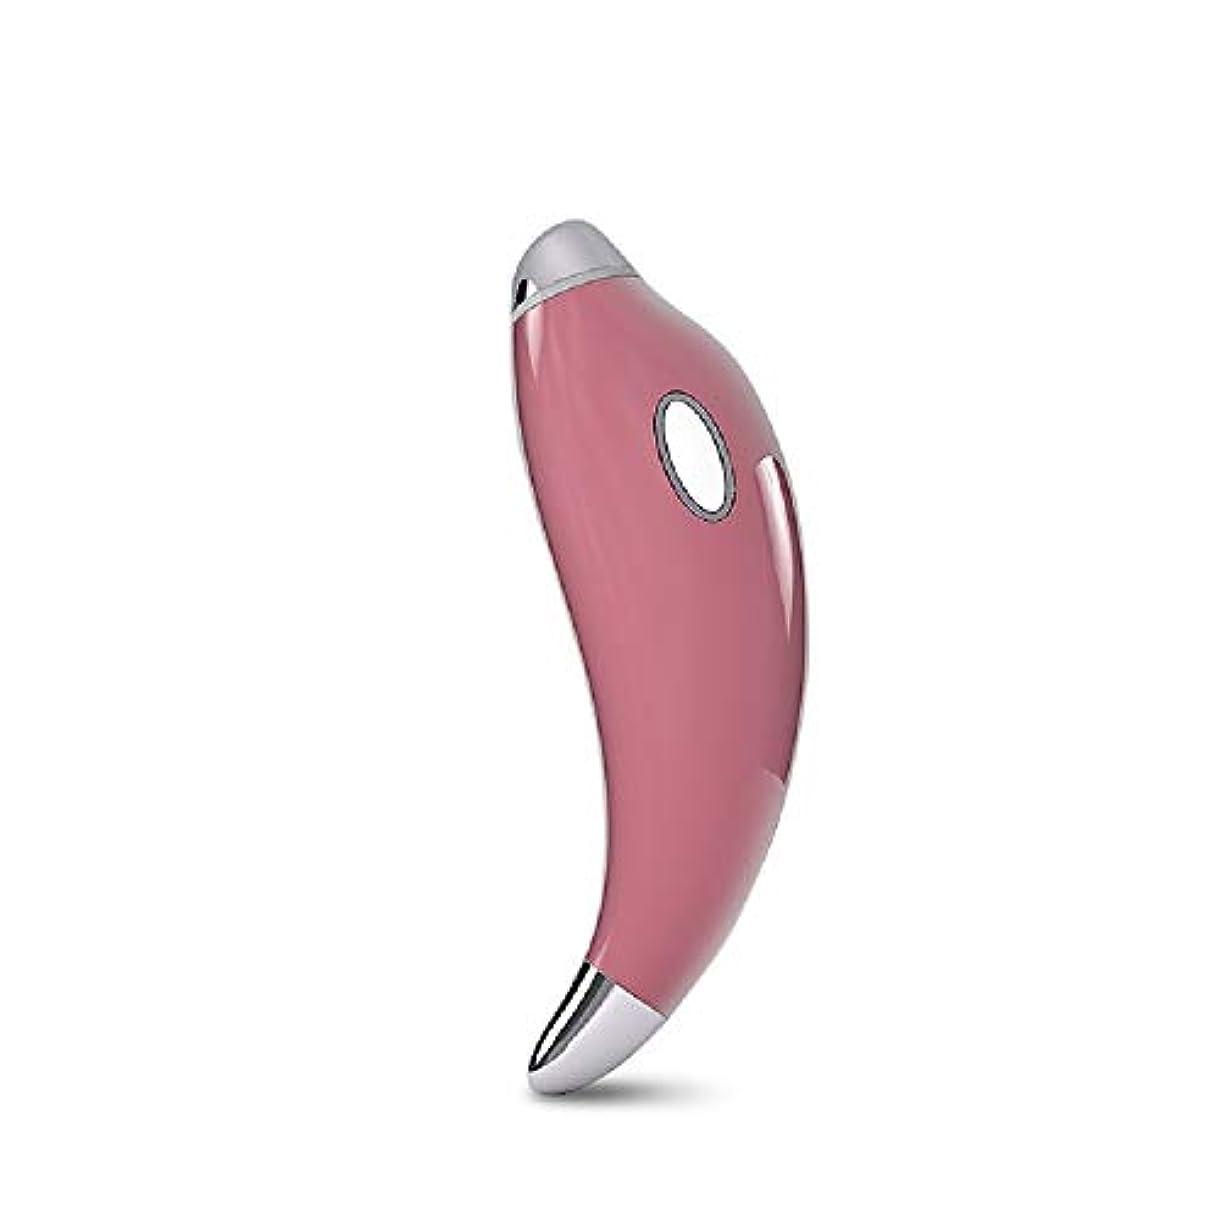 独立してアニメーション思い出させるGf ファッショントレンド高度なインテリジェントホットマジックワンド、しわ防止イオンイオントリートメントアイマッサージスティック 購入へようこそ (Color : Pink)